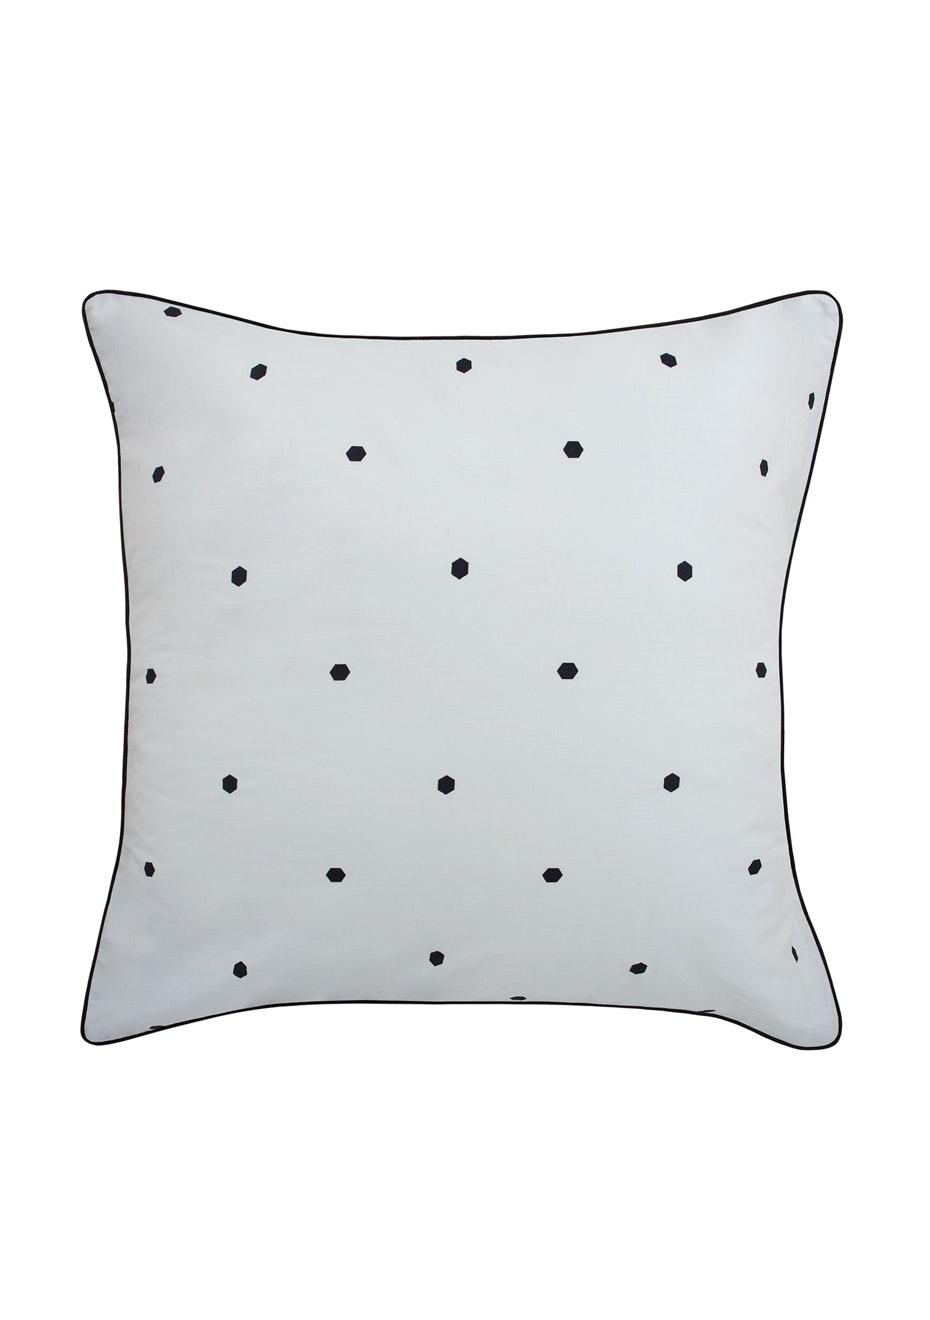 Savona - Ashby Euro Pillow Case